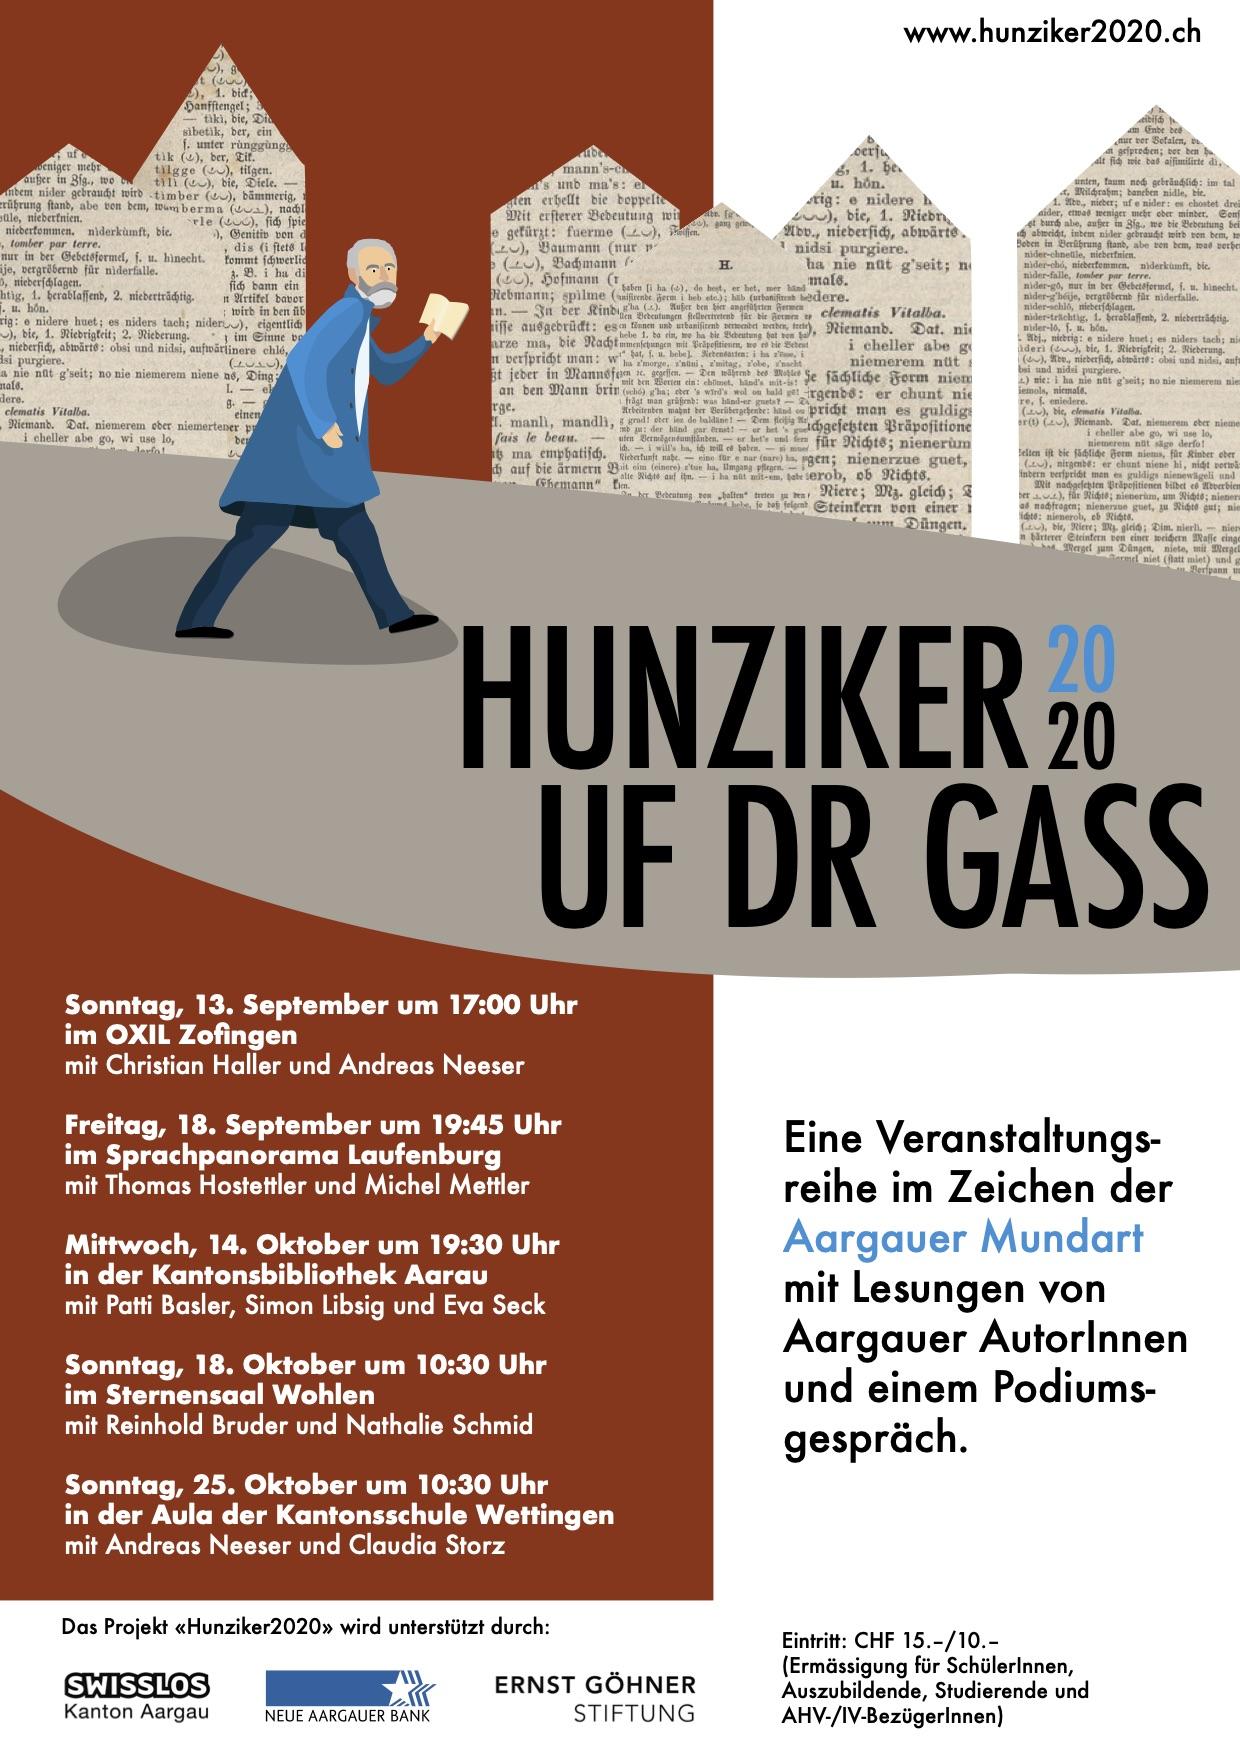 Flyer zu «Hunziker2020 – Uf der Gass», entworfen von Anja Seiler